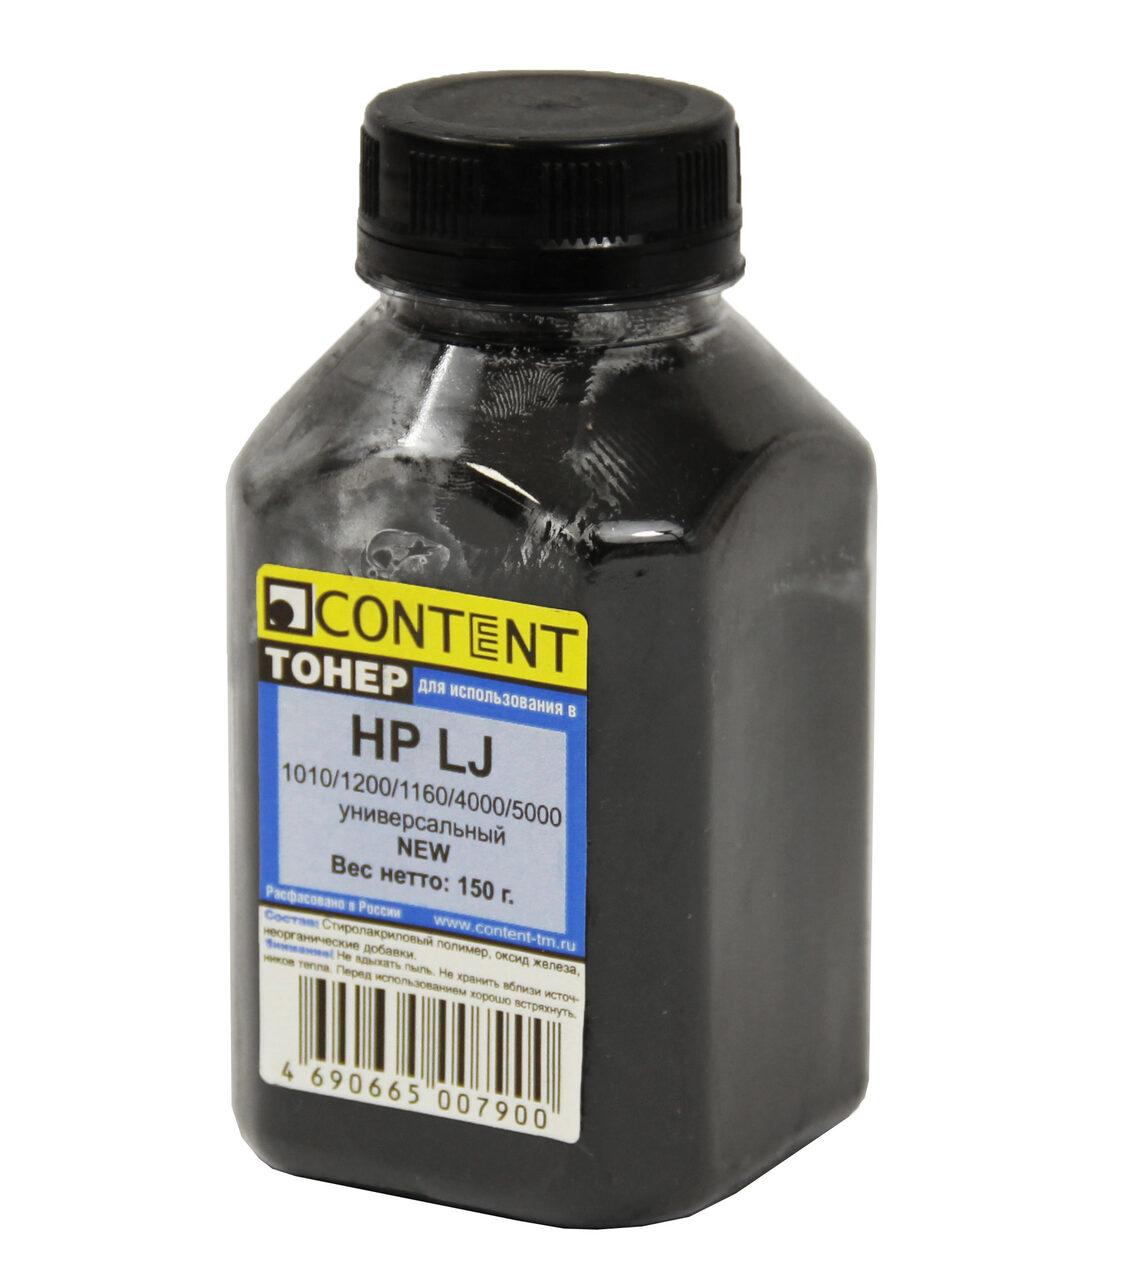 Тонер Content Универсальный для HP LJ1010/1200/1160/4000/5000, Bk, 150 г, банка